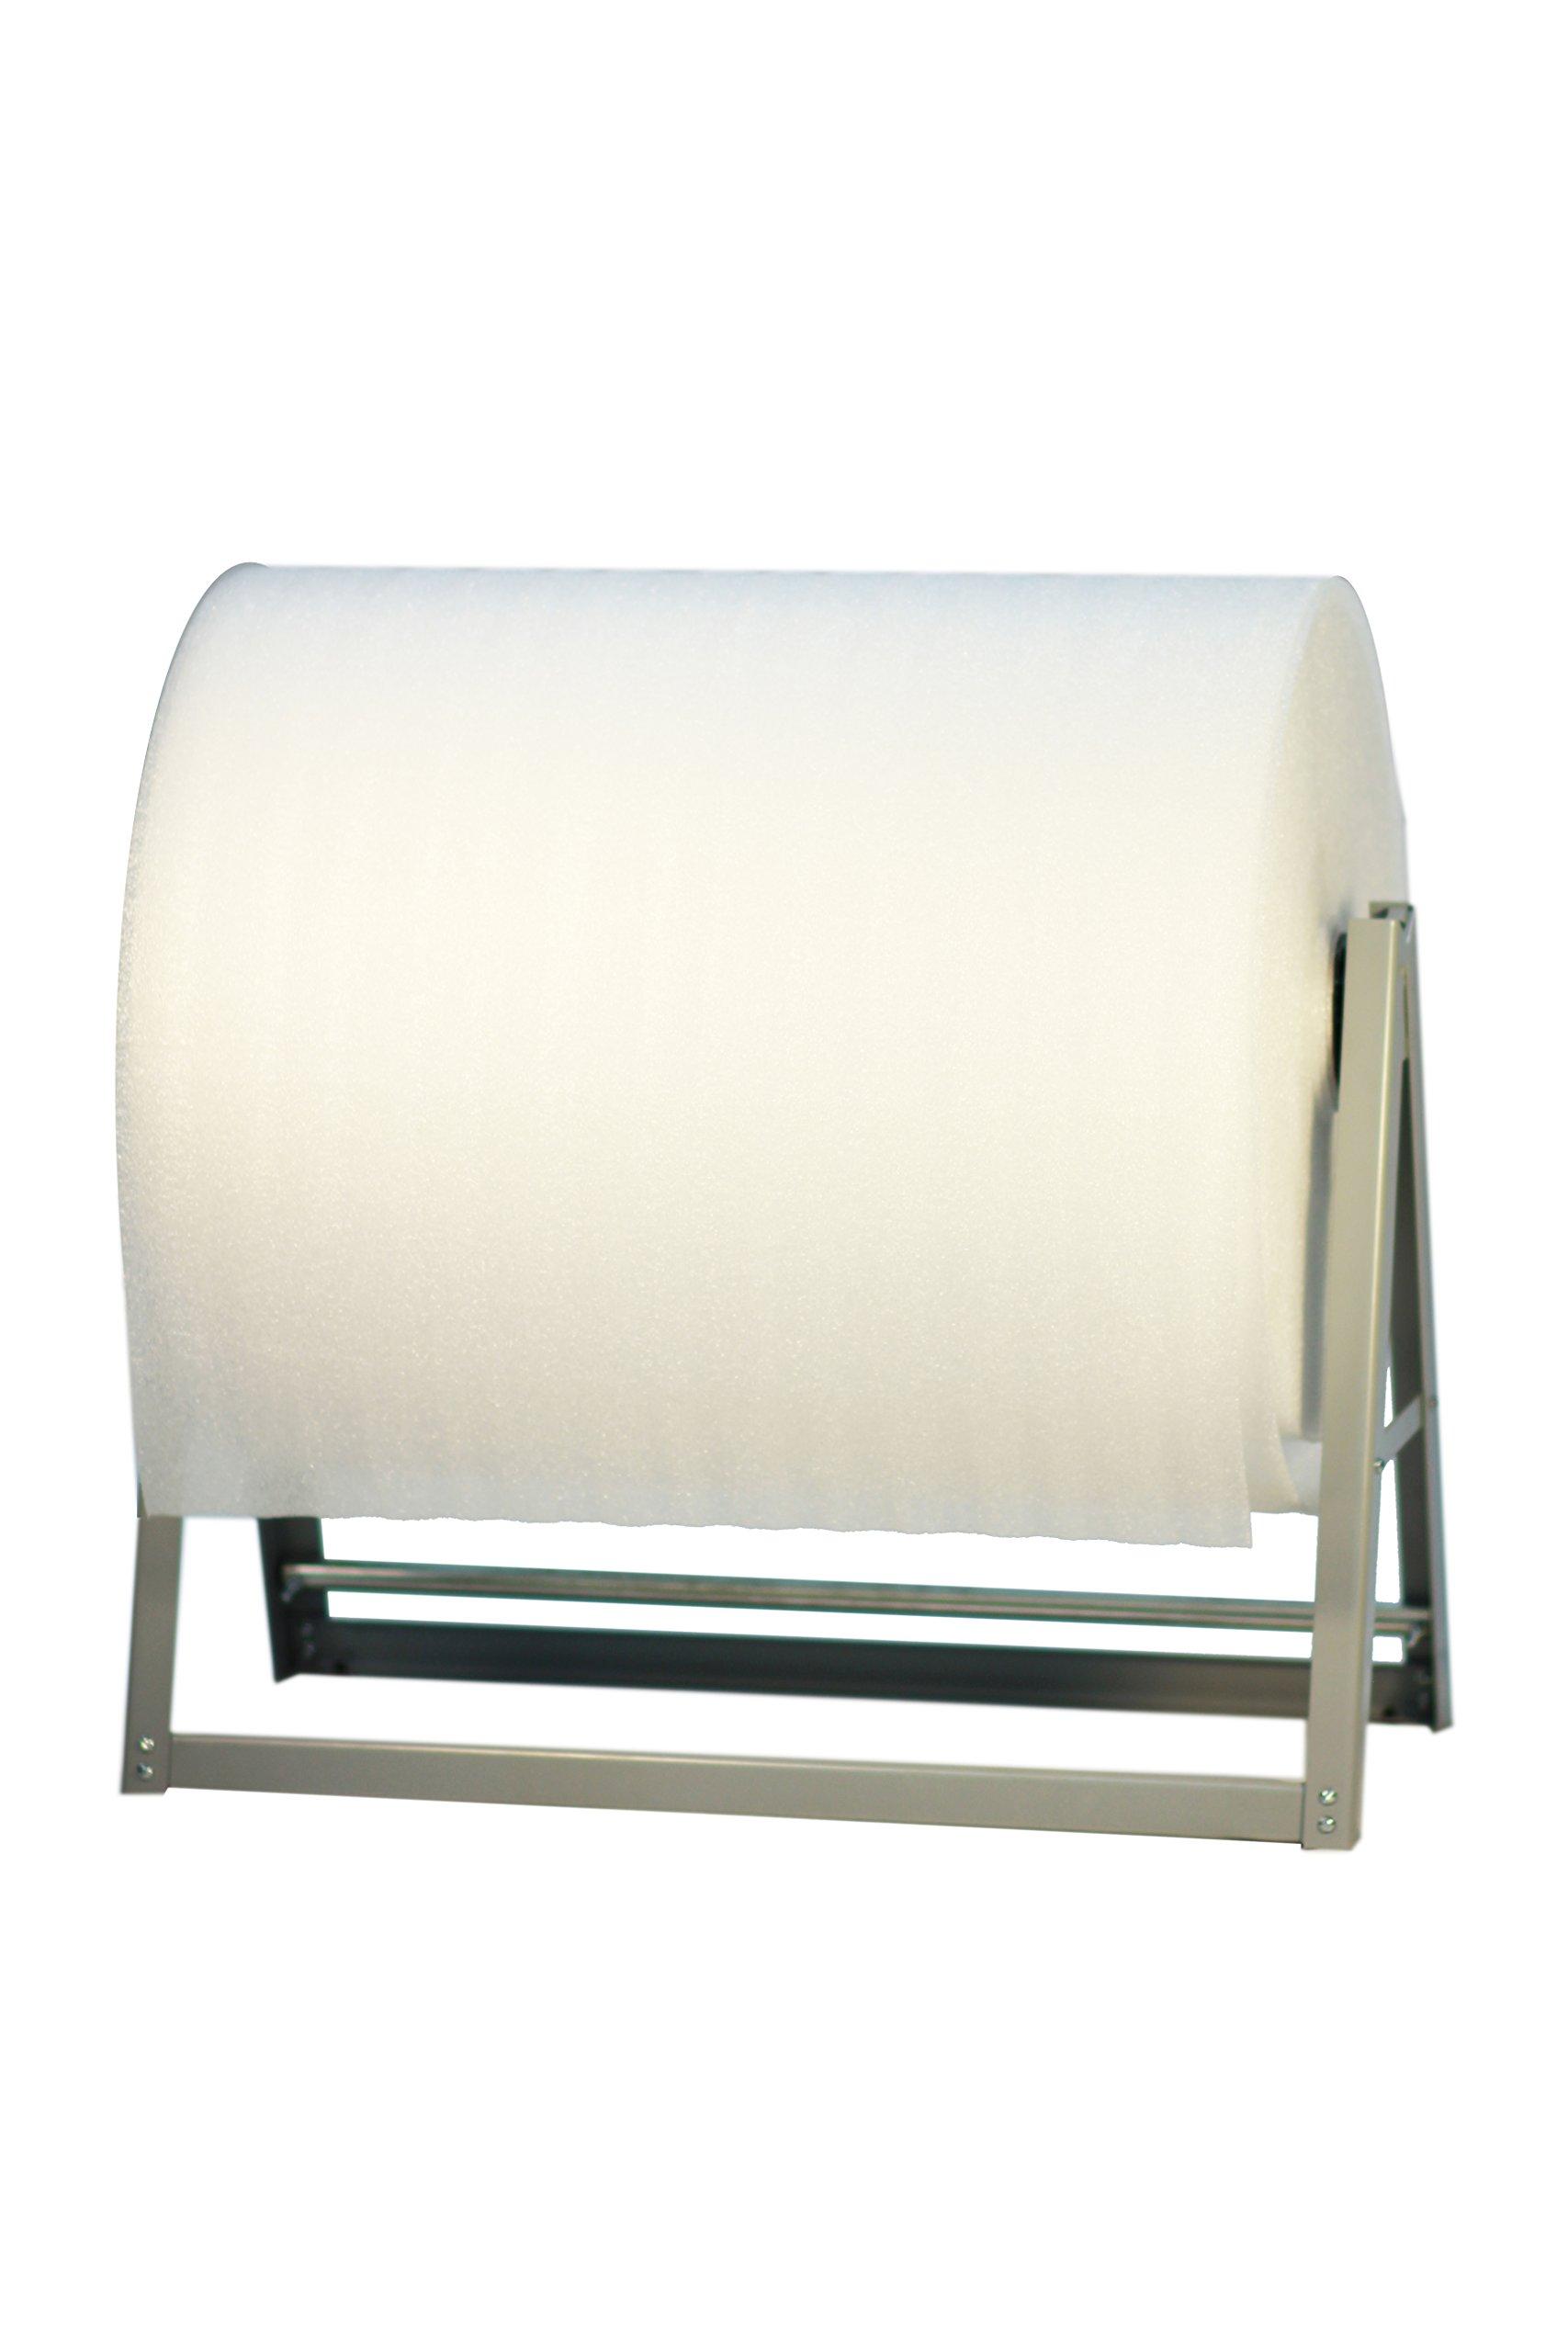 24'' Foam/ Bubble Cushion Wrap Dispenser Reel Holder - 40'' Diameter Roll - Bulman-M560-24